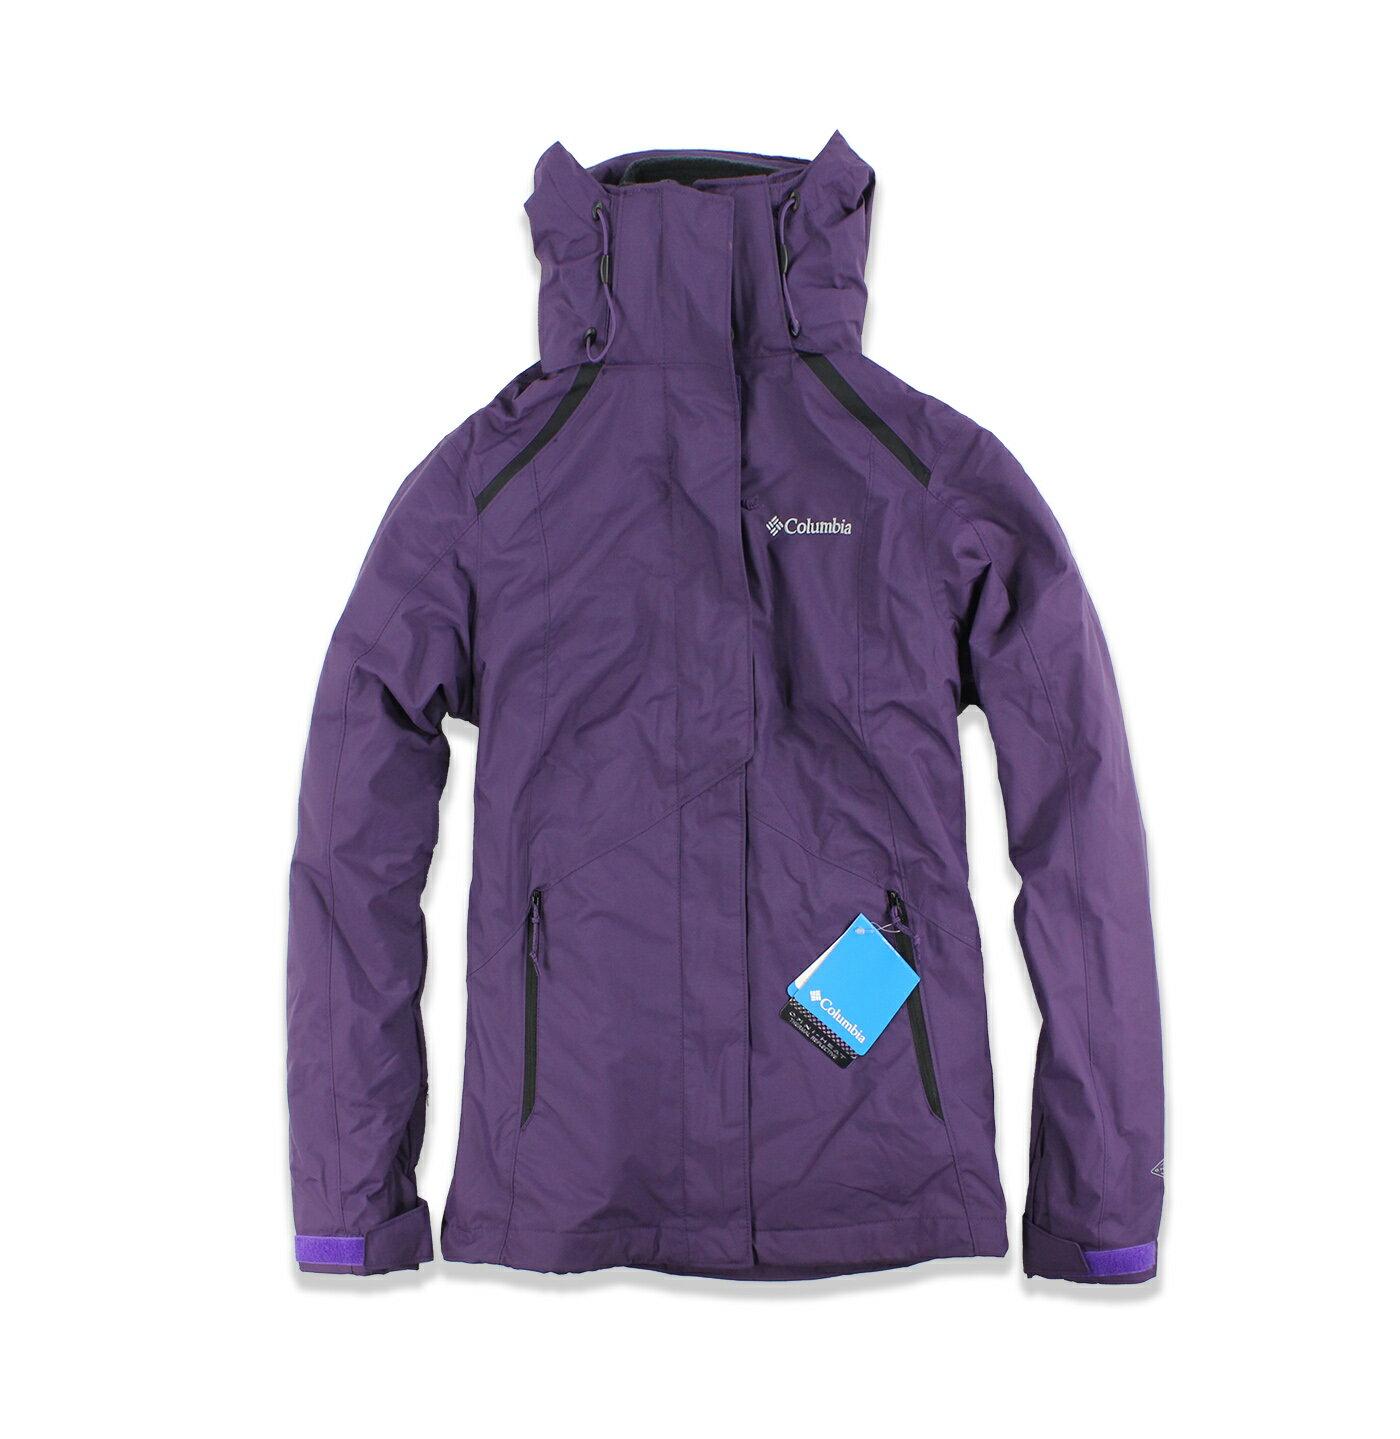 美國百分百【Columbia】外套 夾克 連帽外套 哥倫比亞 兩件式 防水 發熱 紫色 女衣 S M號 F683